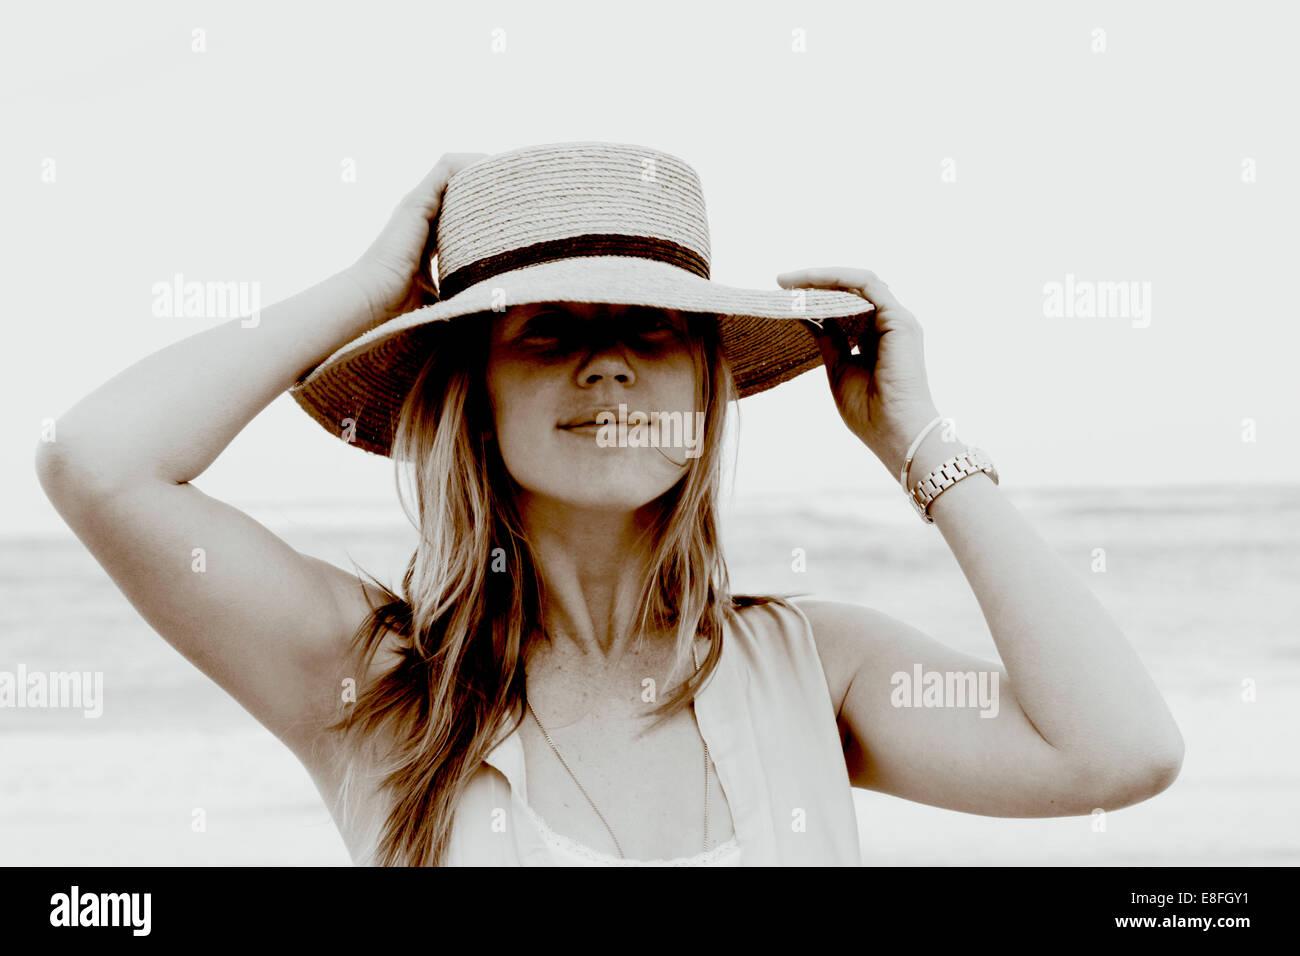 Retrato de una mujer de pie en la playa sosteniendo su sombrero Imagen De Stock